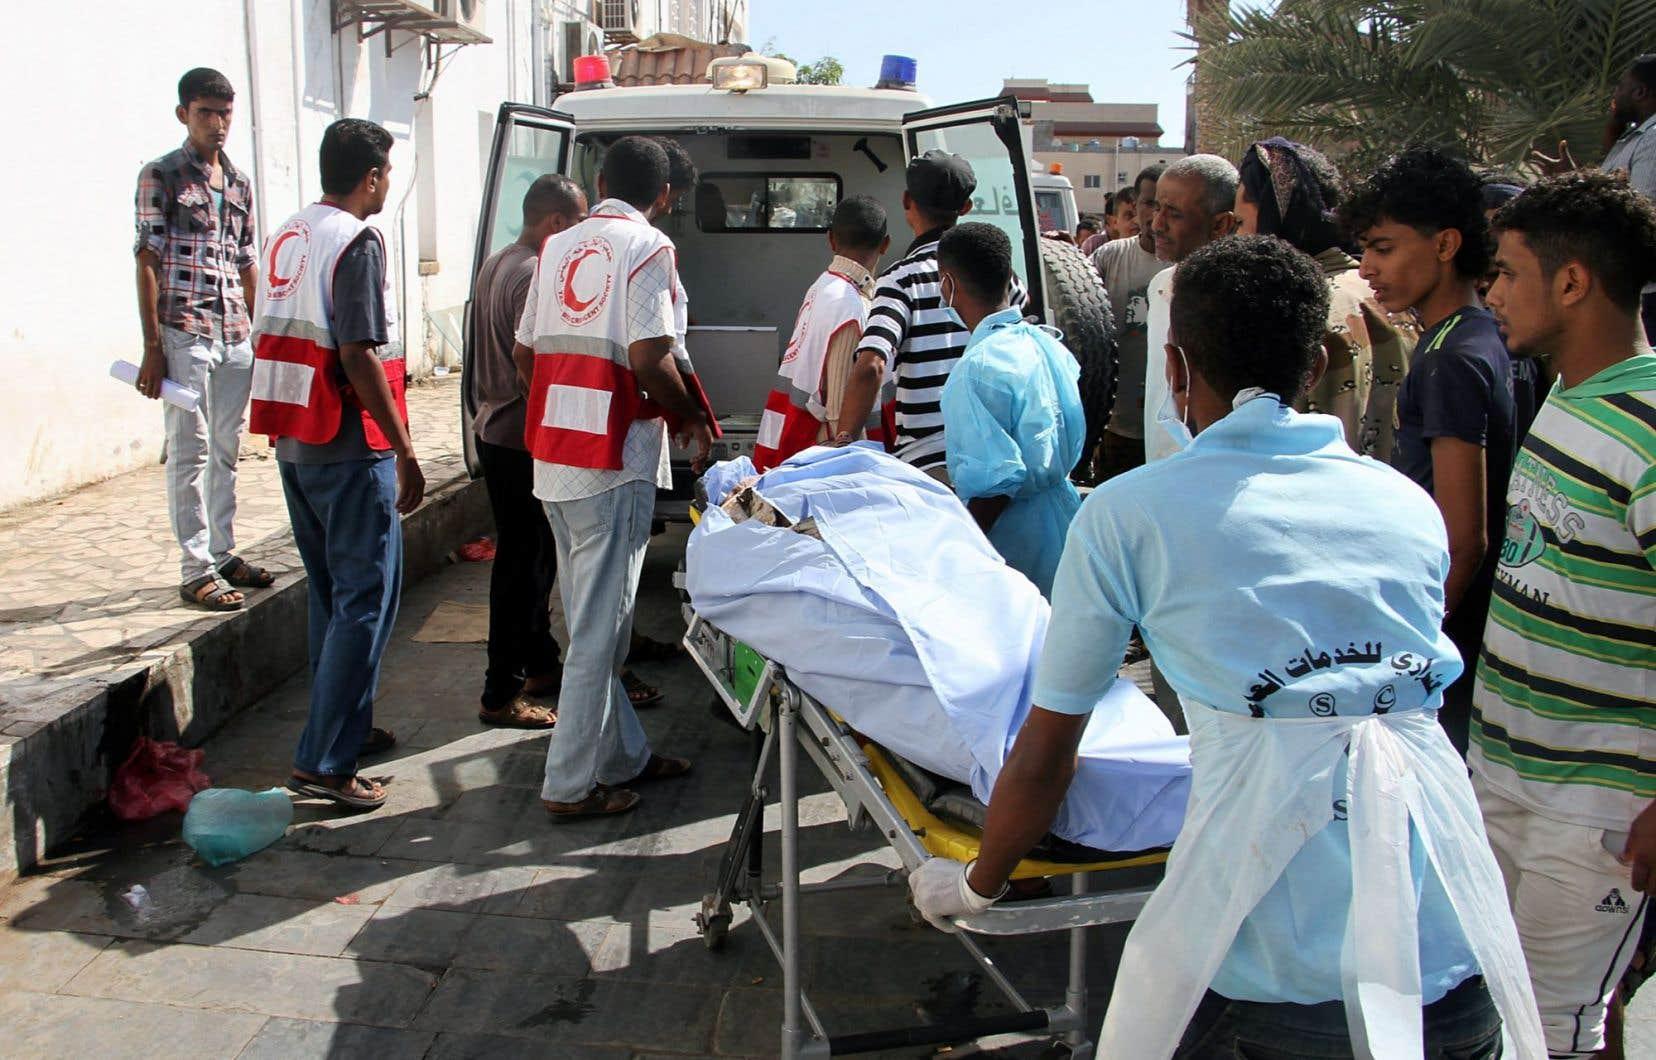 L'attentat de dimanche, qui a fait 48 morts et 84 blessés à Aden, est survenu huit jours après une attaque similaire le 10décembre.